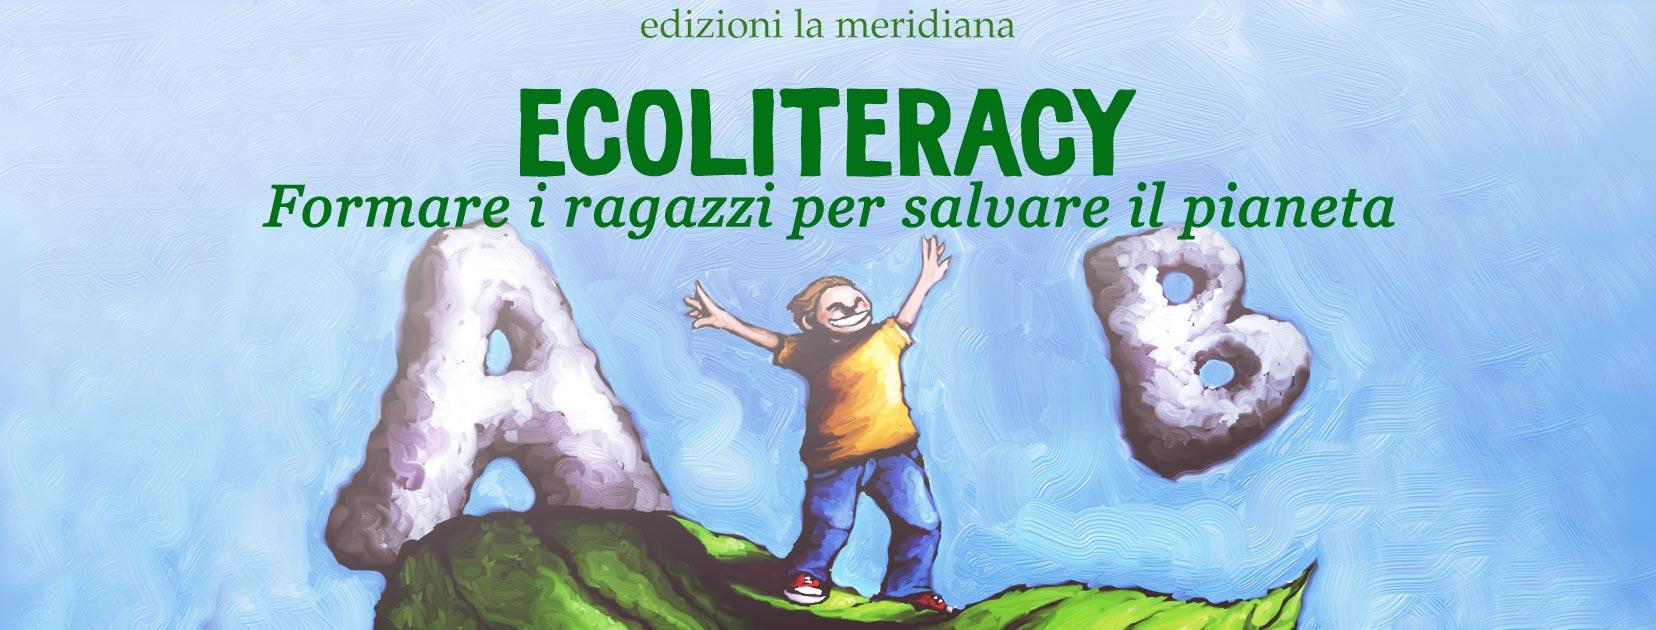 educazione alla sostenibilità a scuola